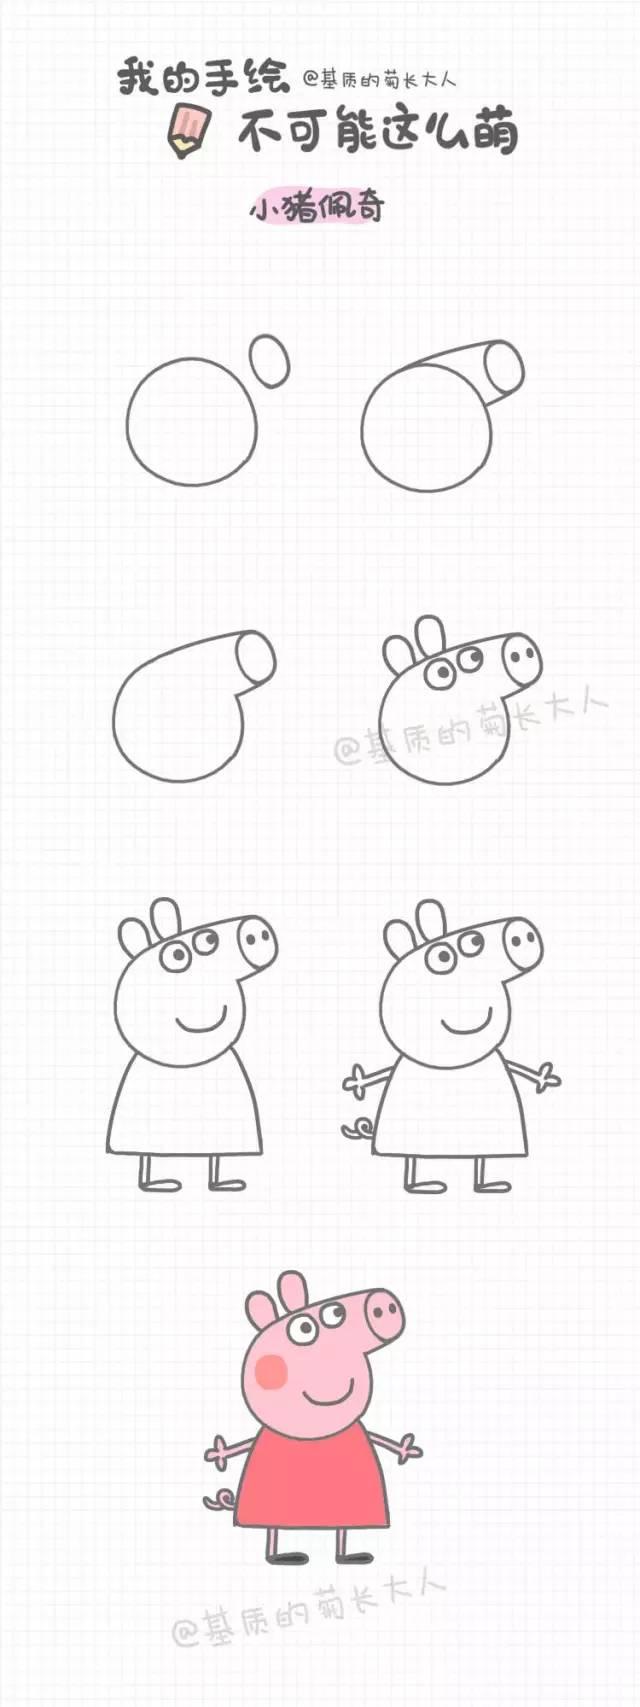 【跟着弹簧学画画】小猪佩奇和她的小伙伴们